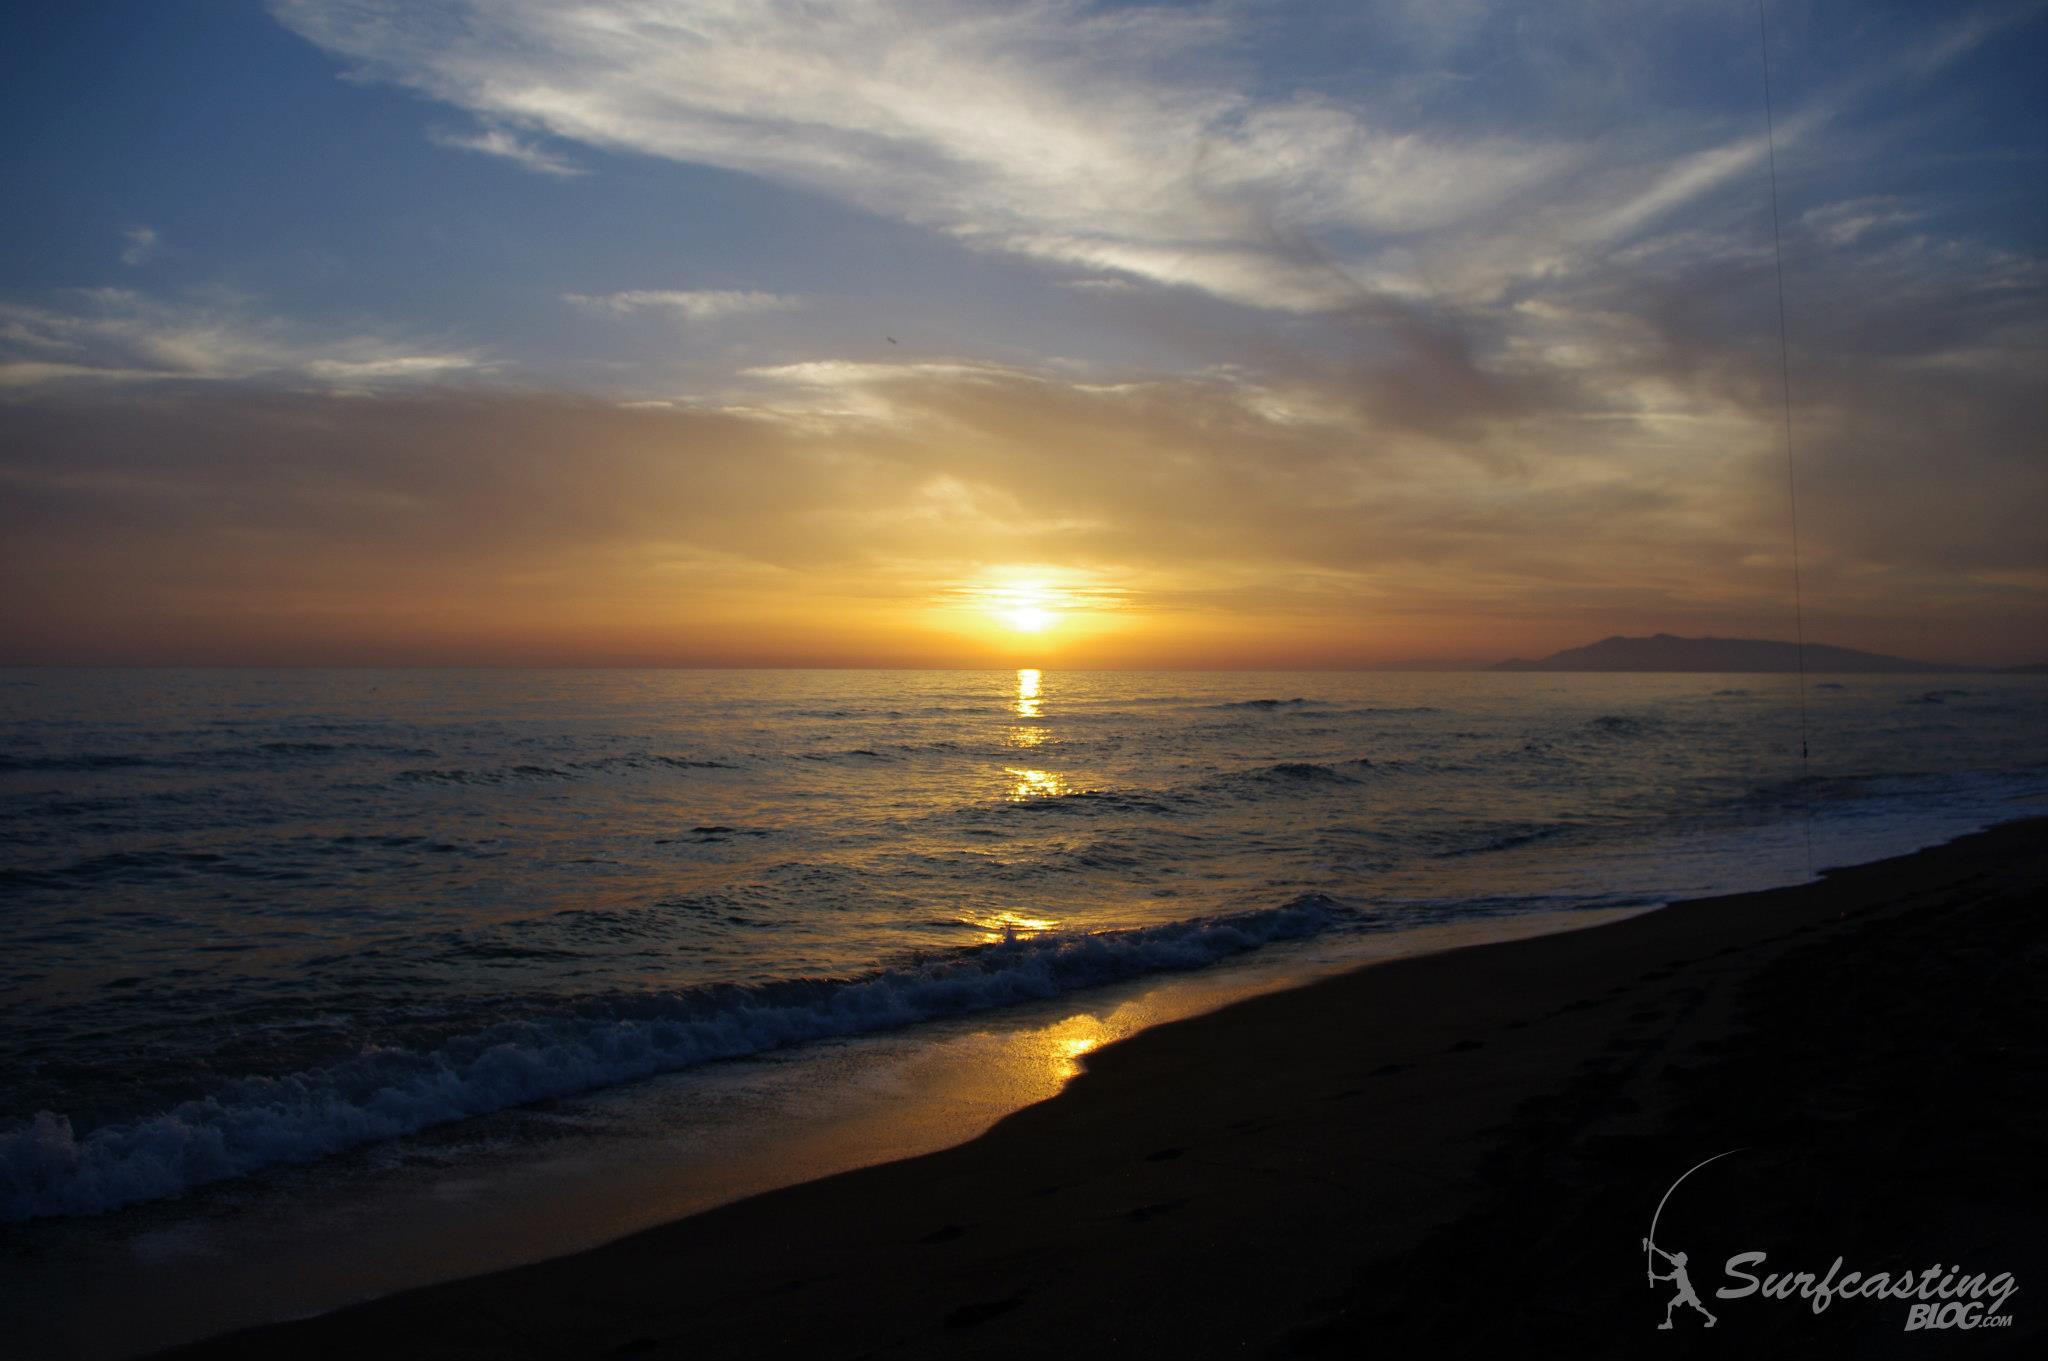 Surfcasting e Paf 2012: il bilancio